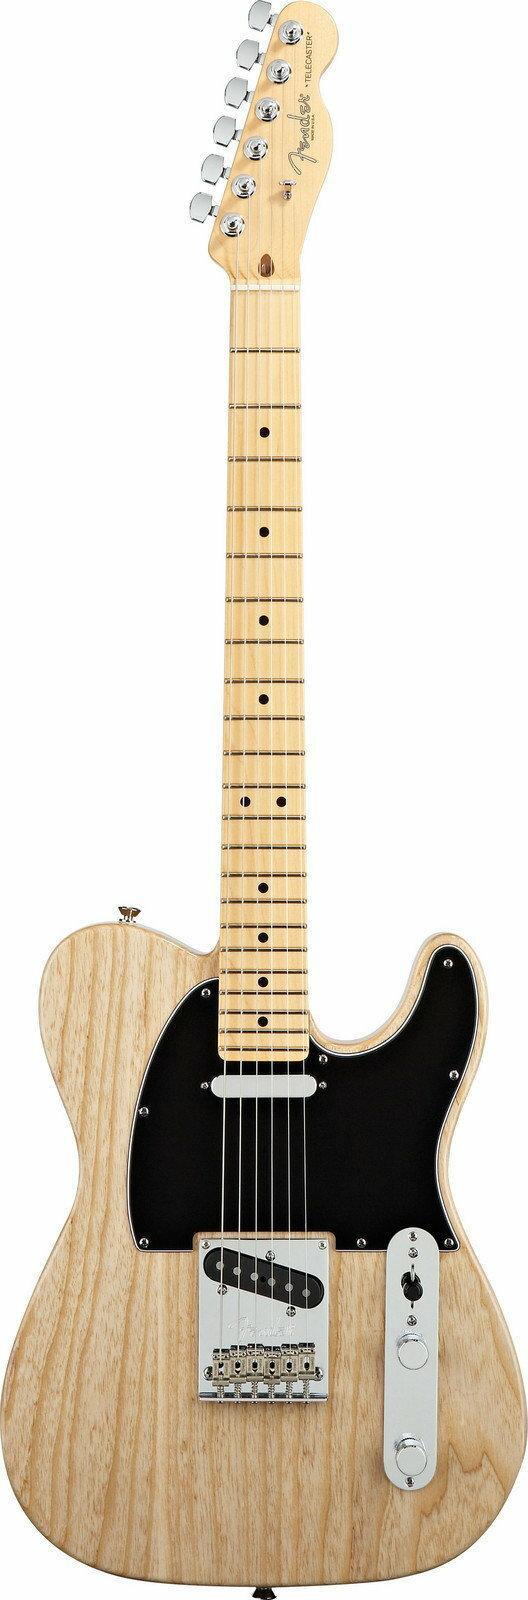 Fender American Standard Telecaster MN